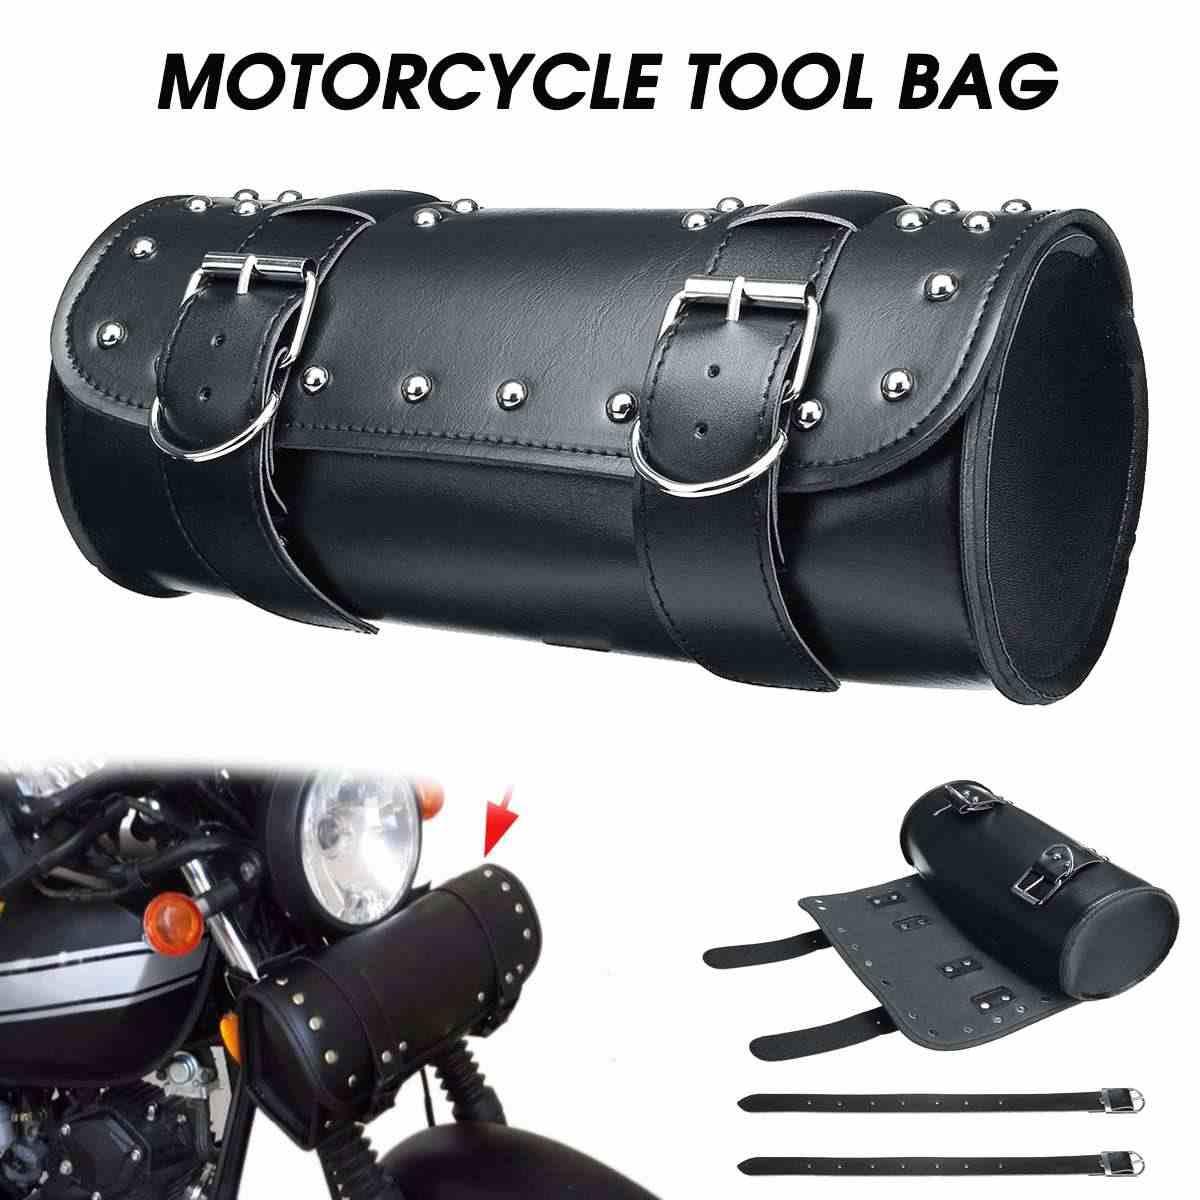 Uniwersalny czarny narzędzie motocyklowe torba przedni widelec kierownica Saddlebag Roll Barrel dla harley bobber Racing Tail kufer w kształcie beczki